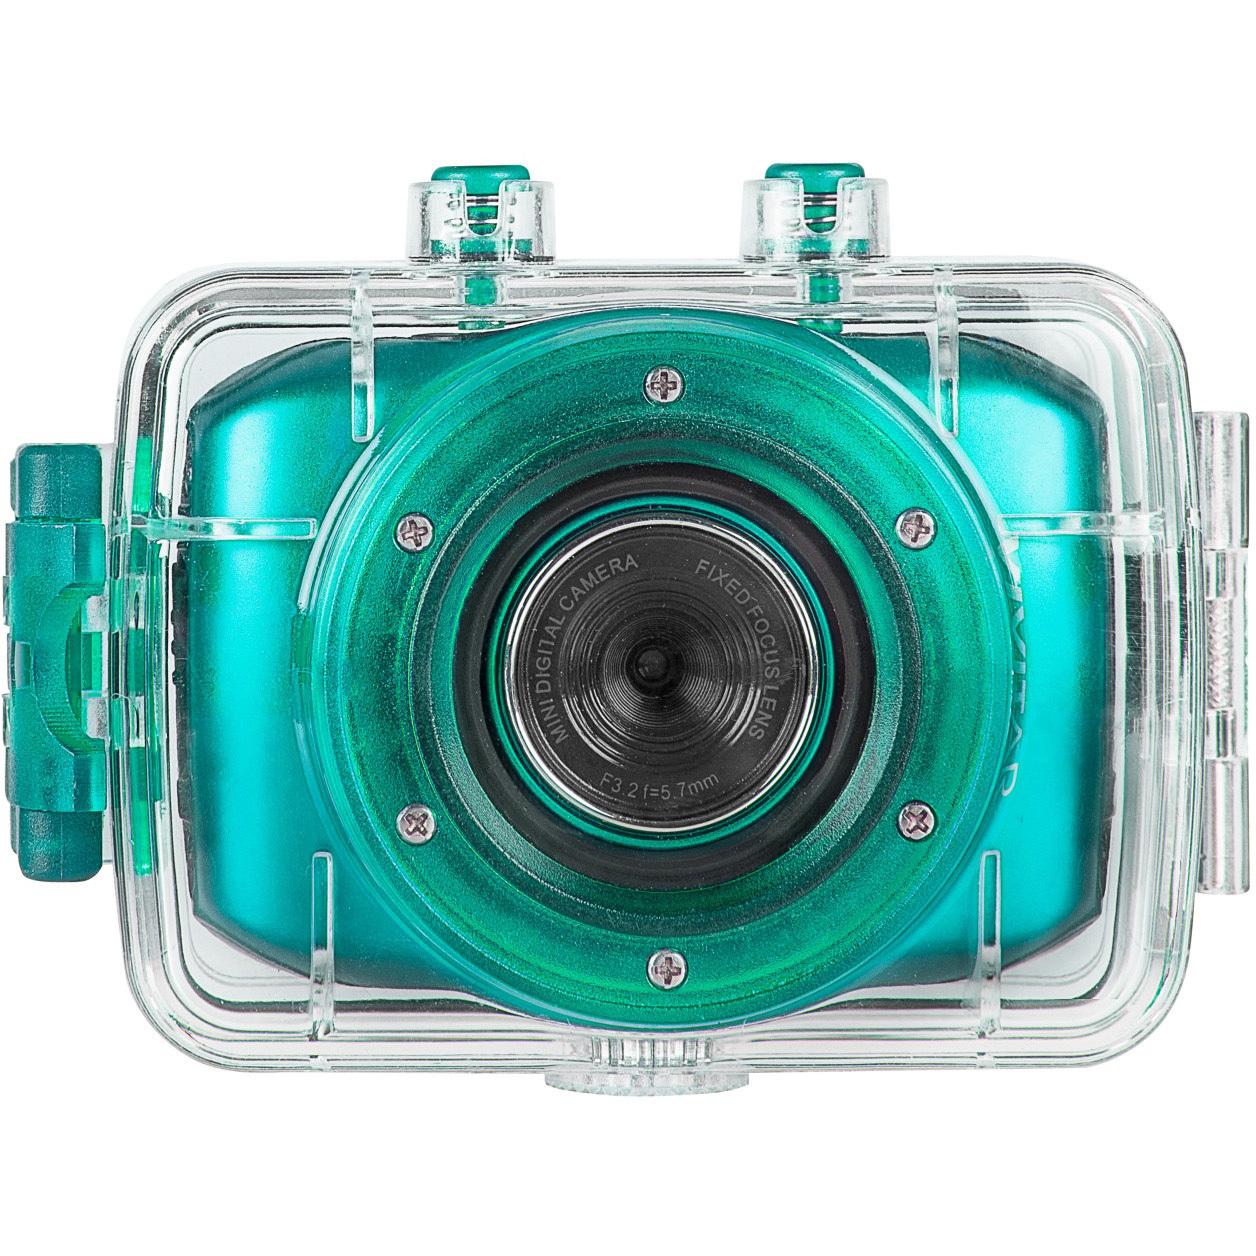 Vivitar HD Waterproof Action Camera (Teal) by Vivitar